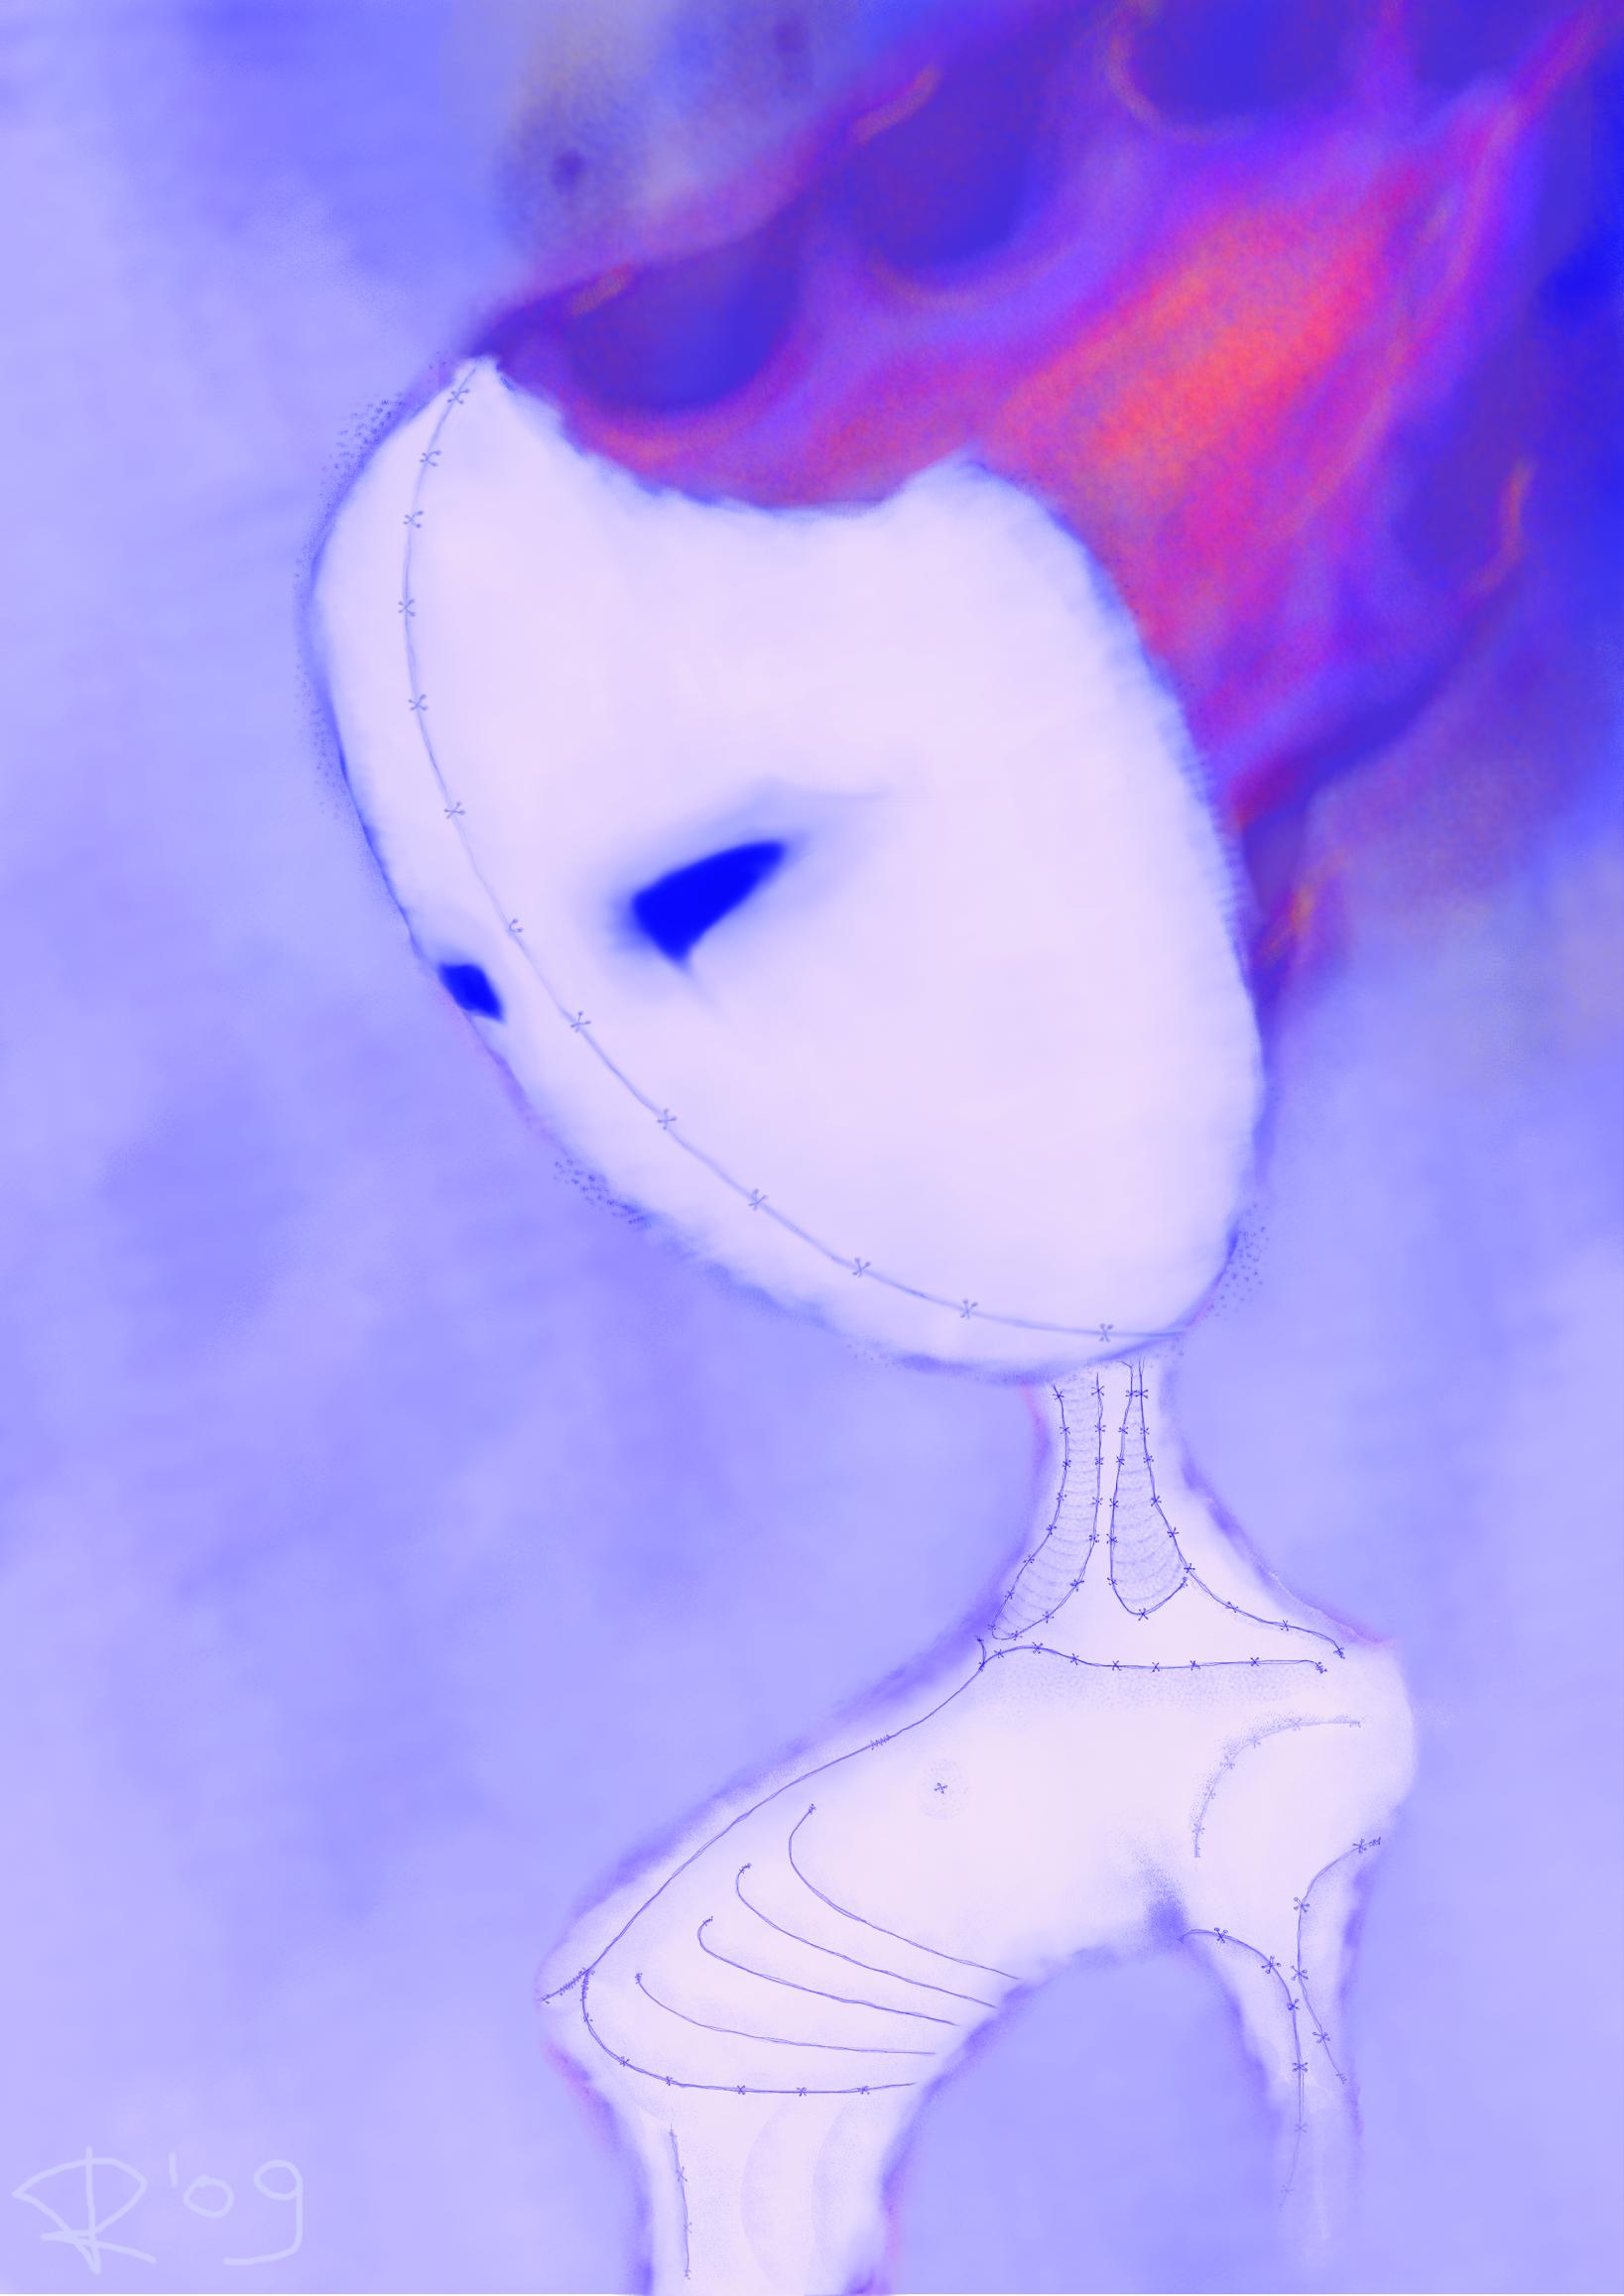 The Violet Mask